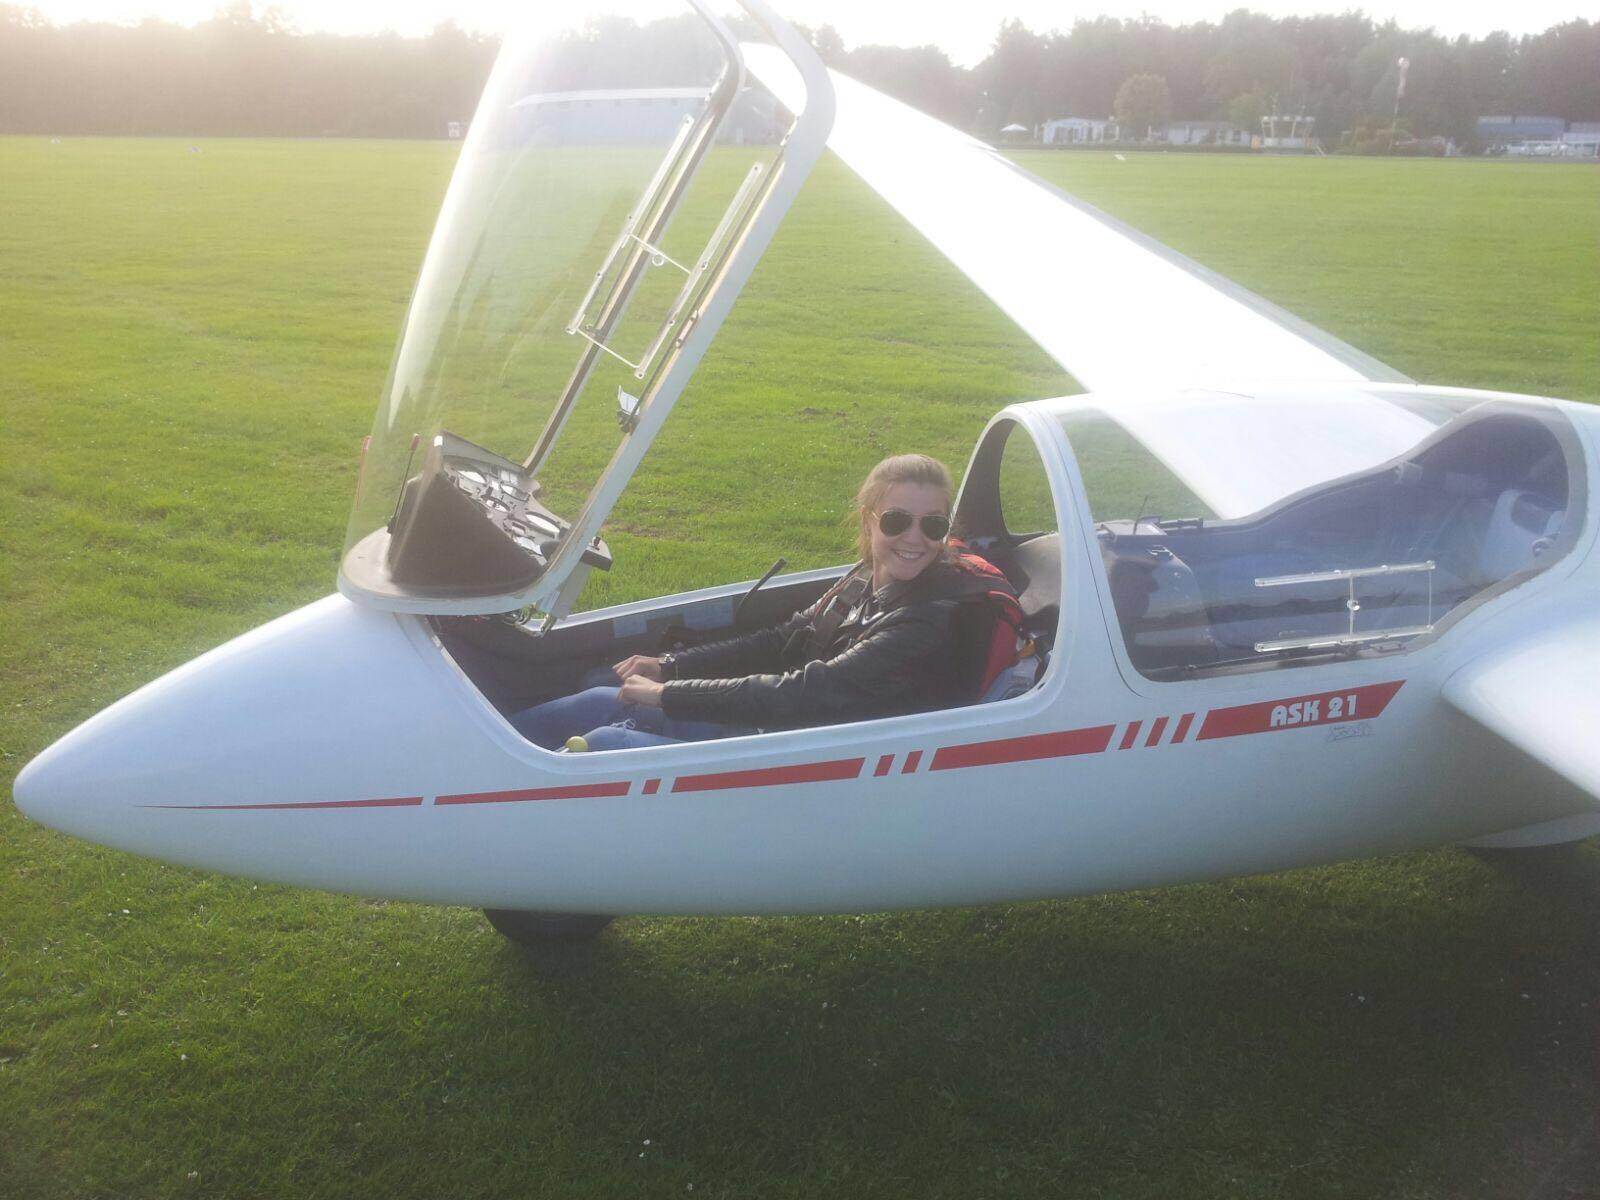 Anna meistert ihren ersten Alleinflug!